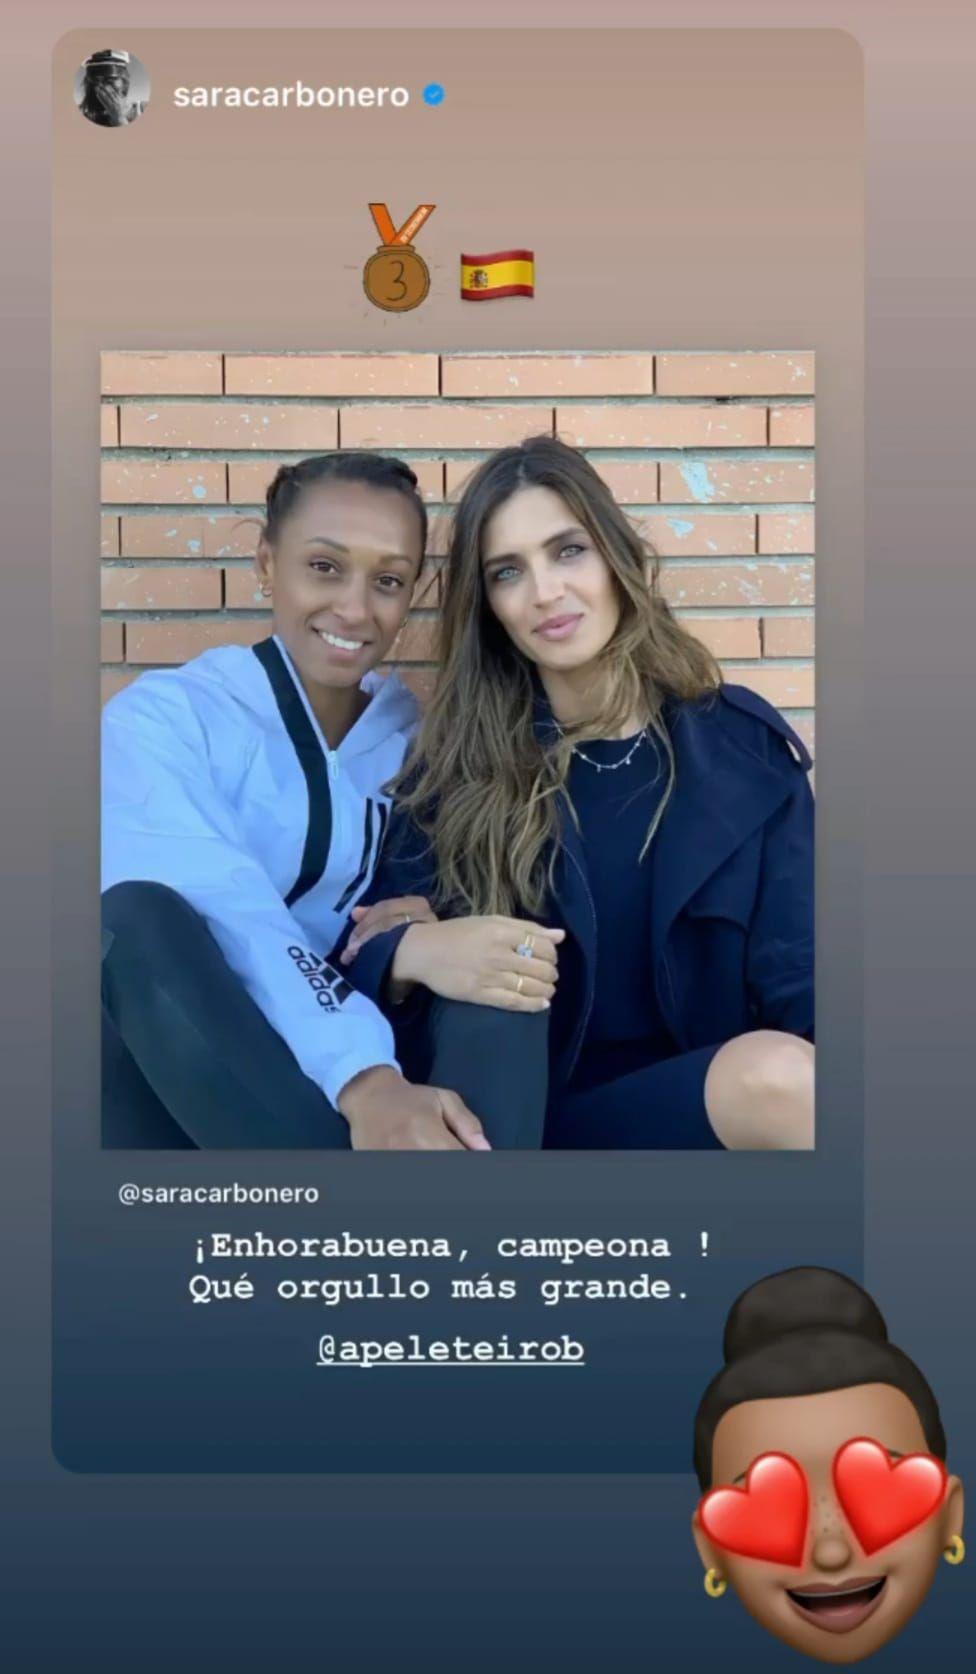 Historia de Instagram de Sara Carbonero.